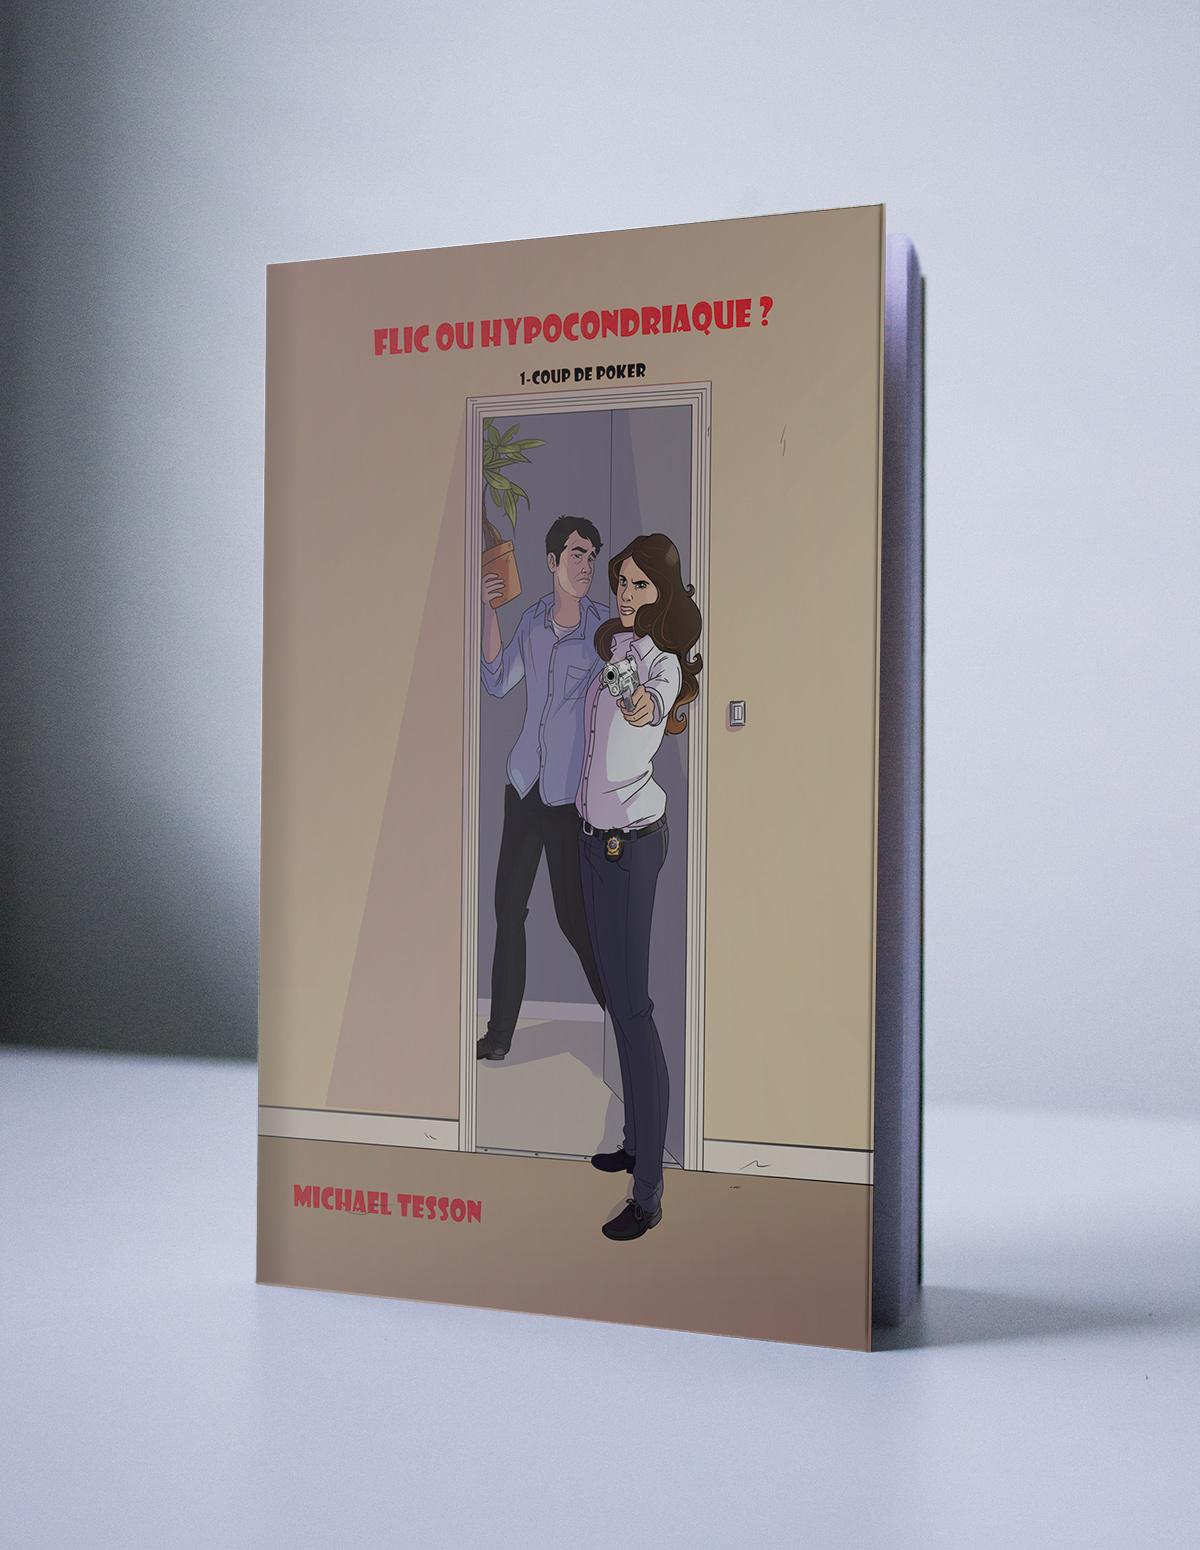 Illustration pour la couverture d'un roman policier